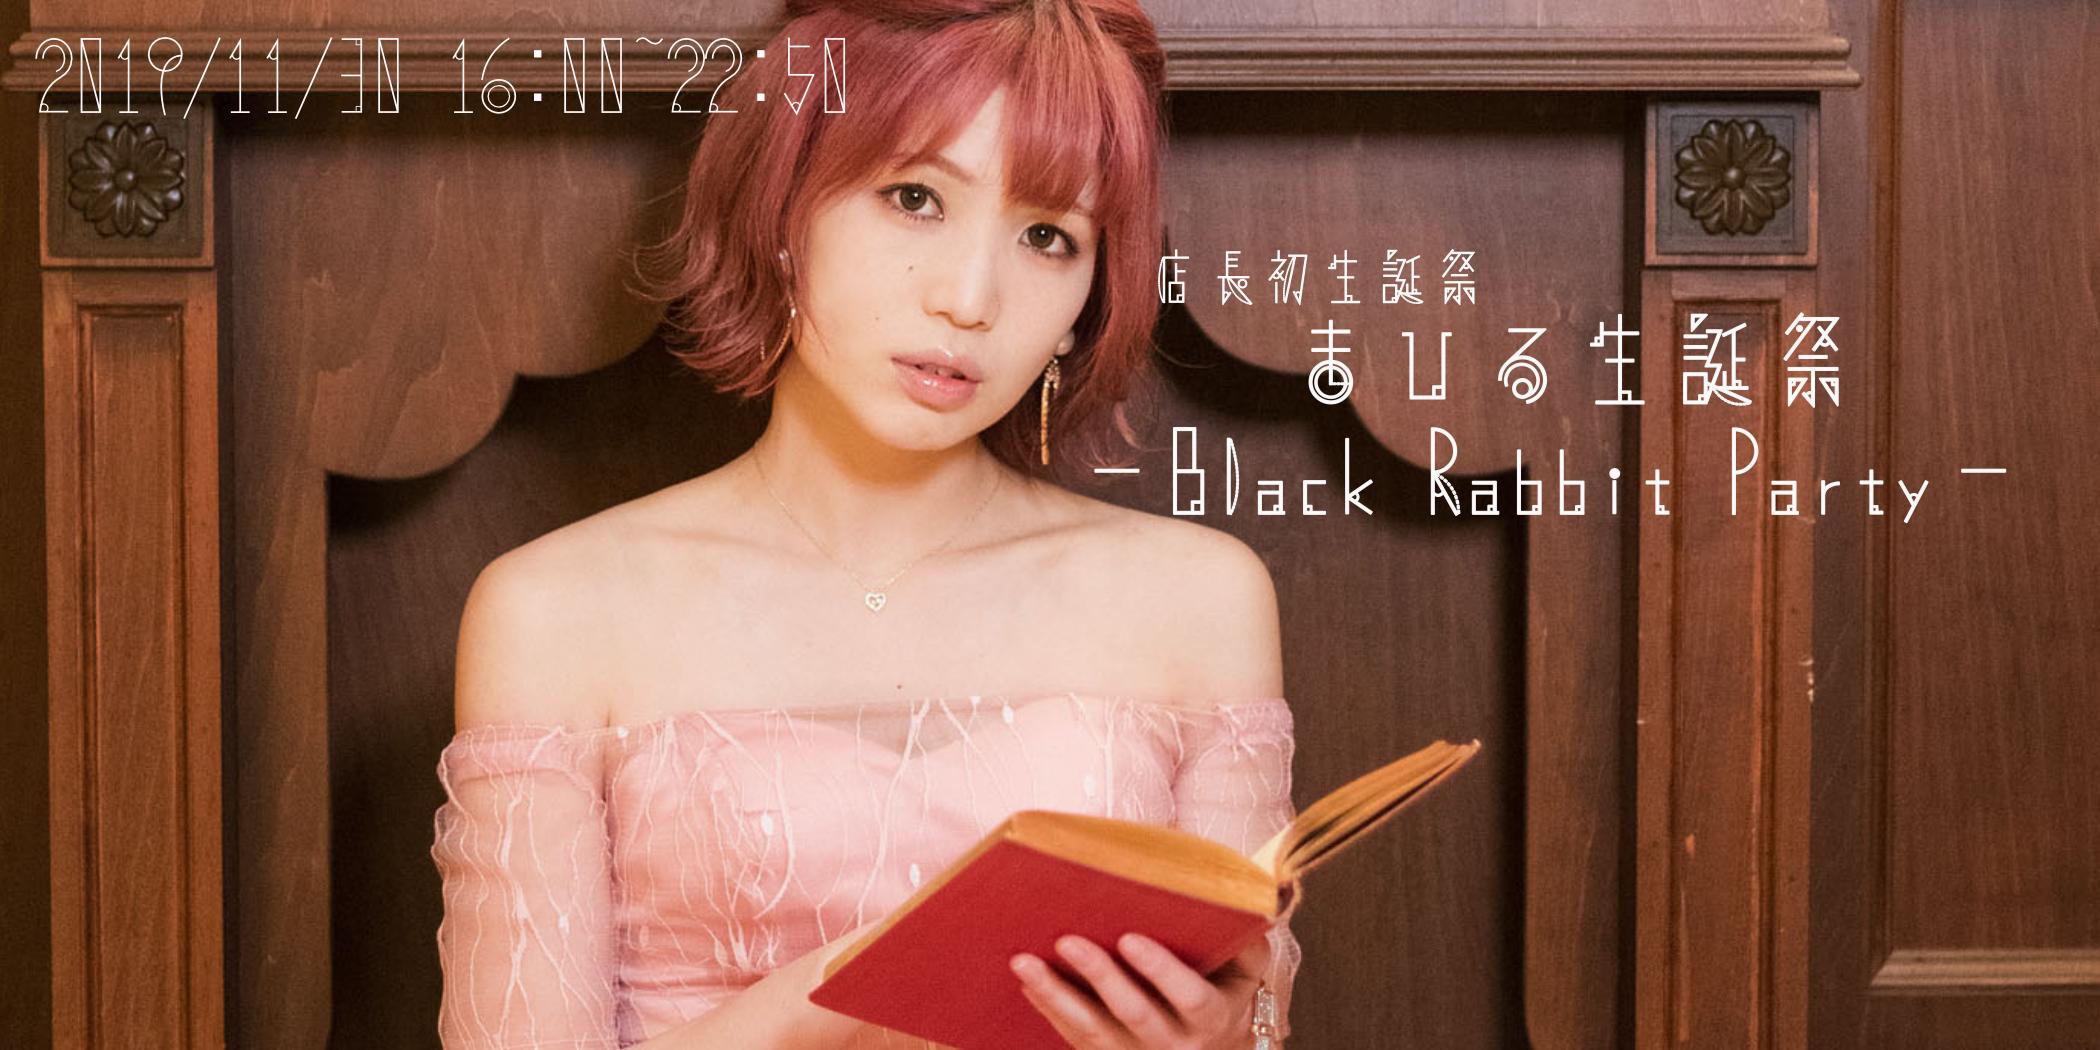 胡桃沢まひる生誕祭~Black Rabbit Party~